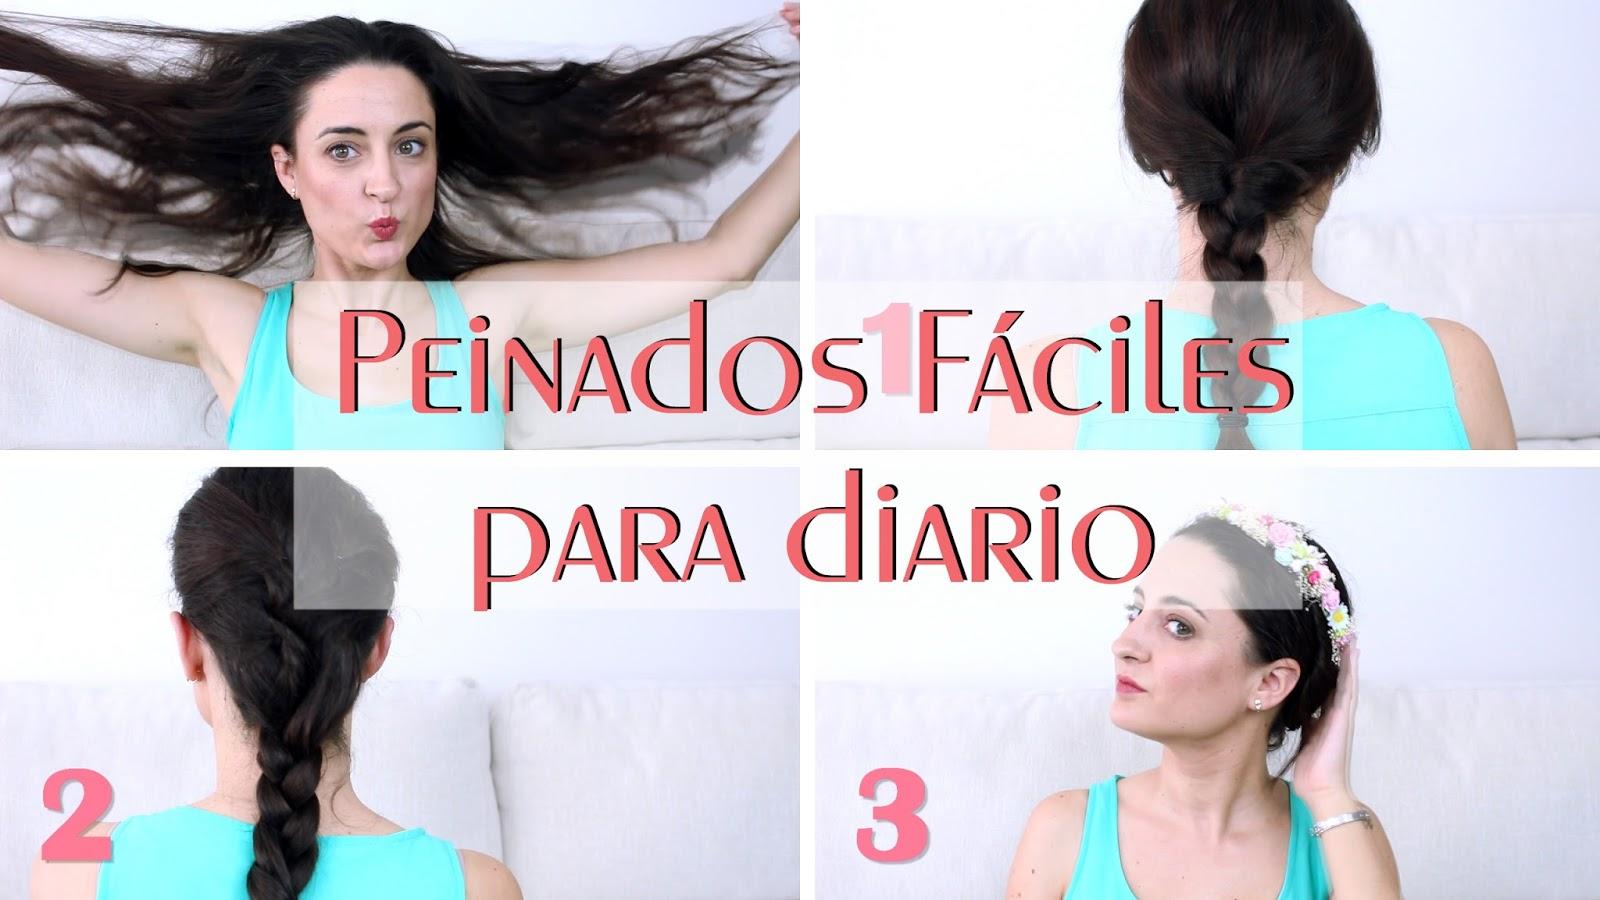 Marleah Make Up Mi Espacio De Belleza Moda Y Wedding Series